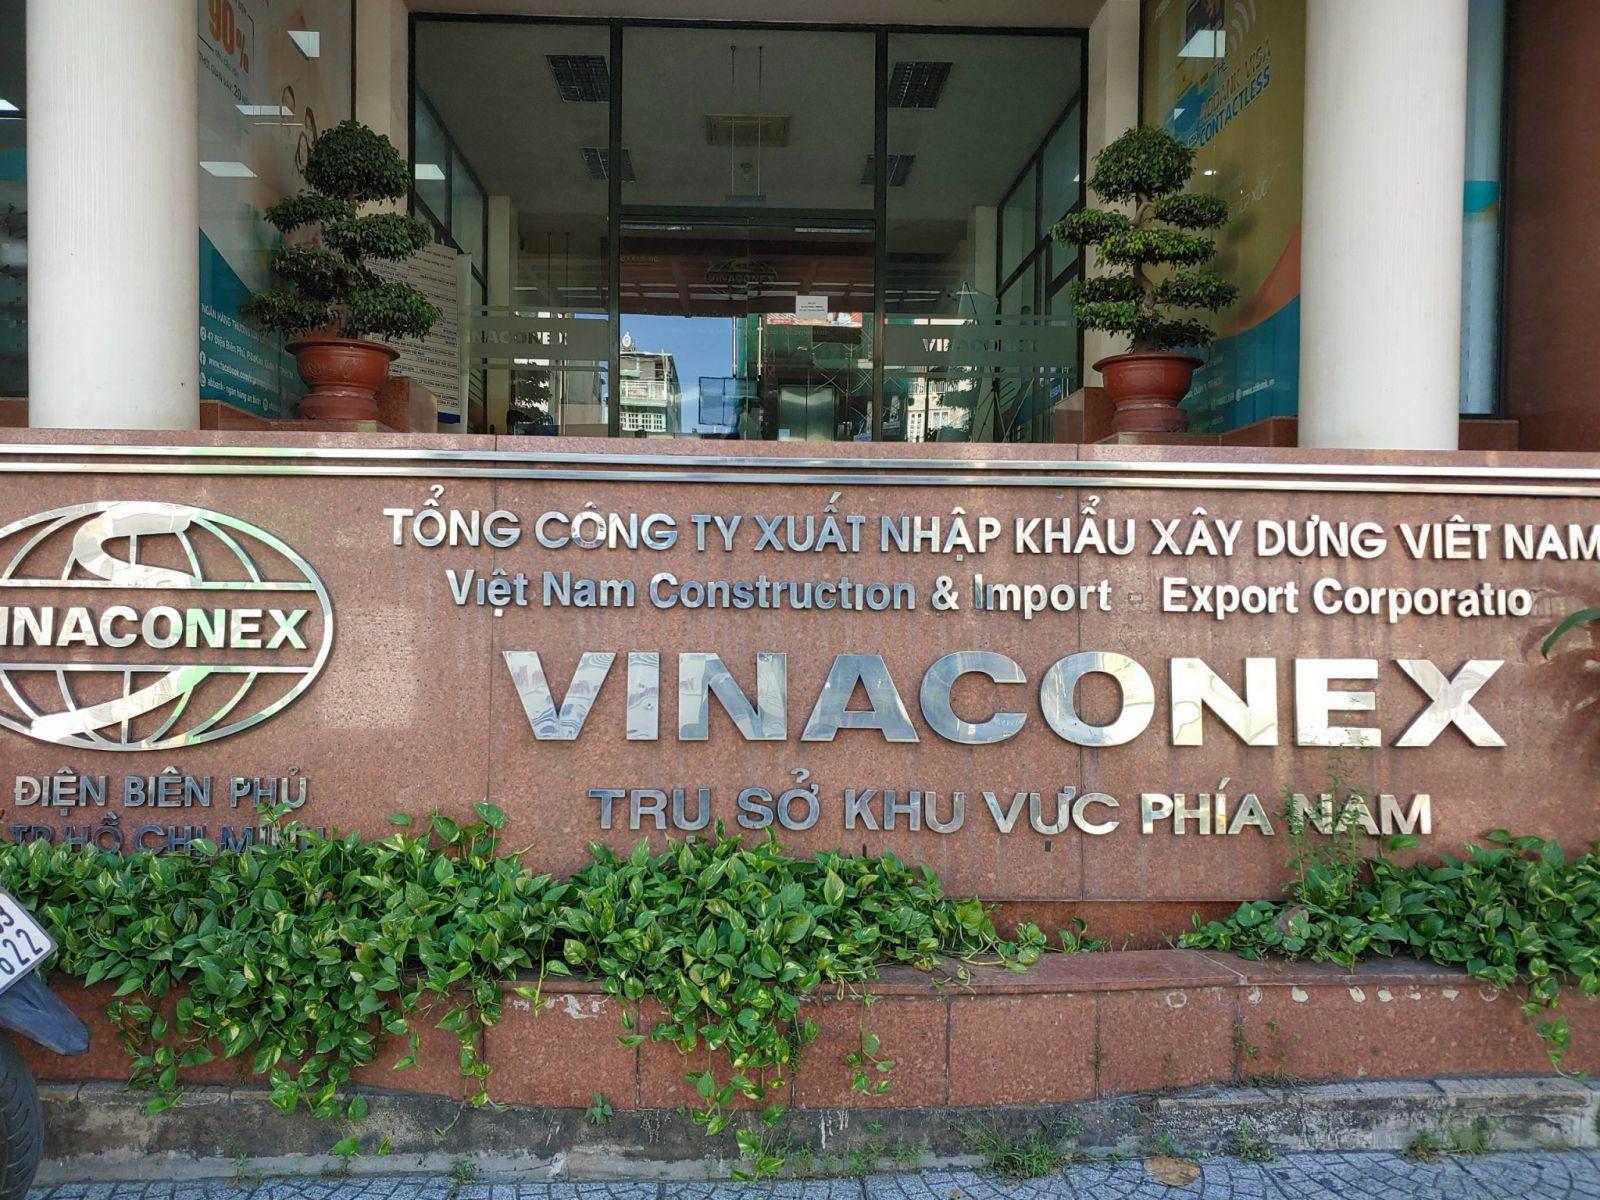 Vinaconex chuẩn bị rót hơn 1.000 tỷ đồng vào 2 công ty con